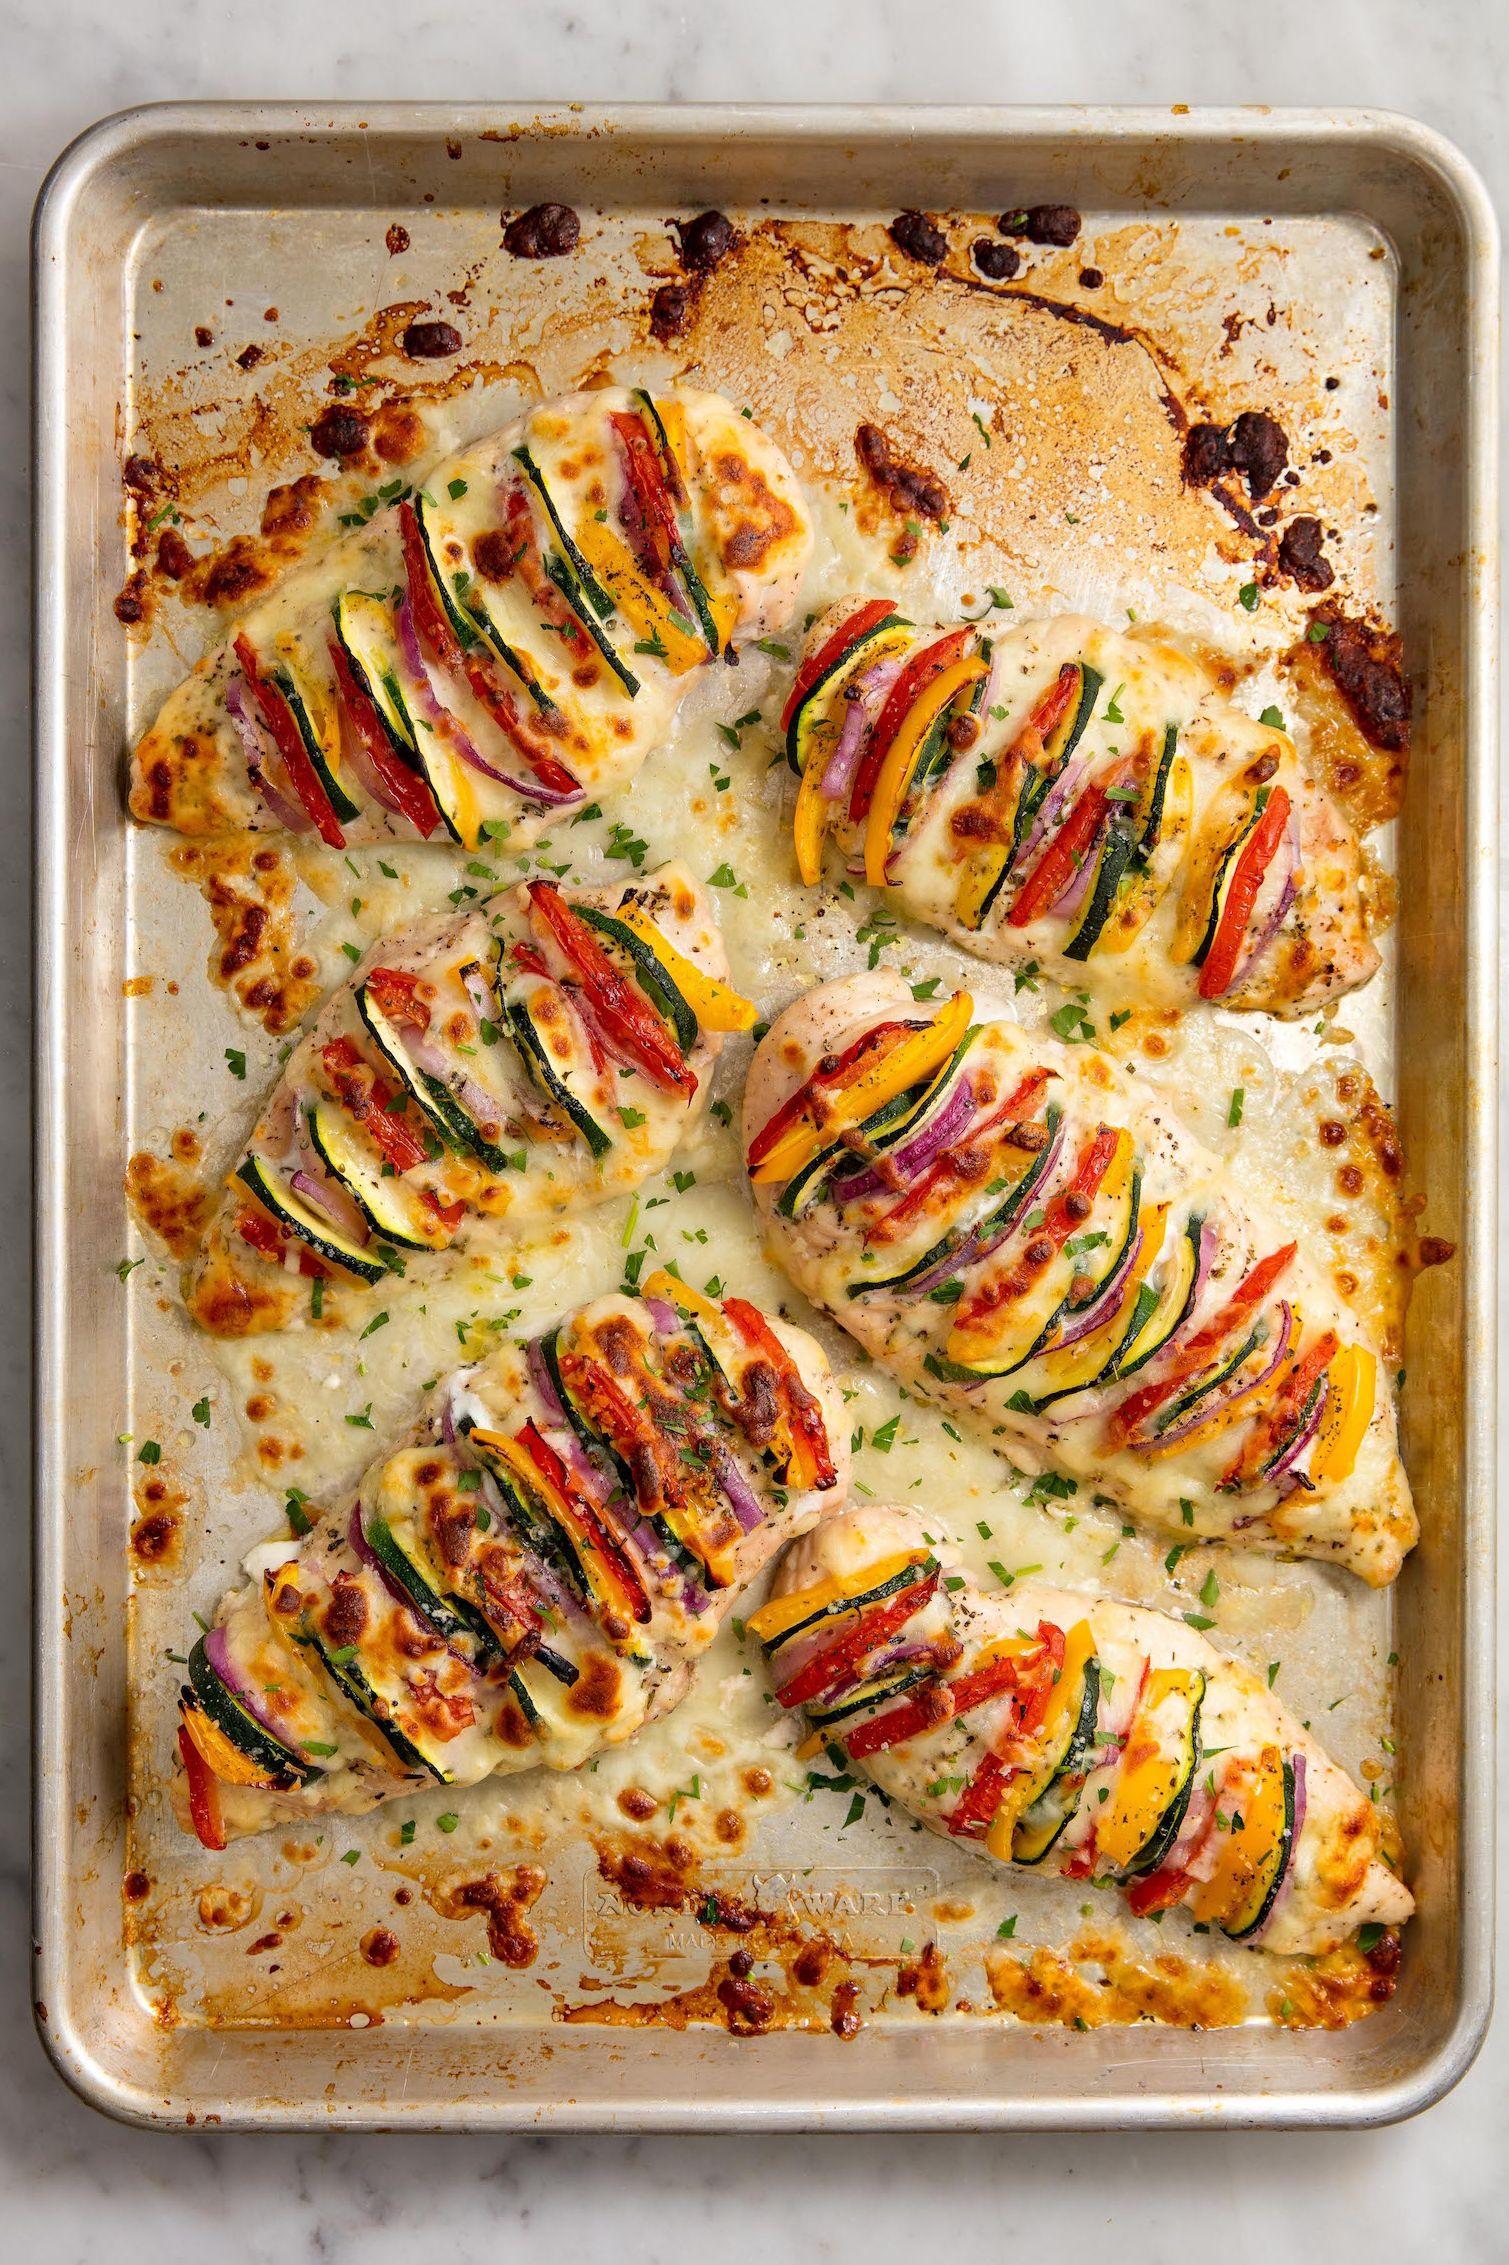 Primavera Stuffed Chicken Vertical